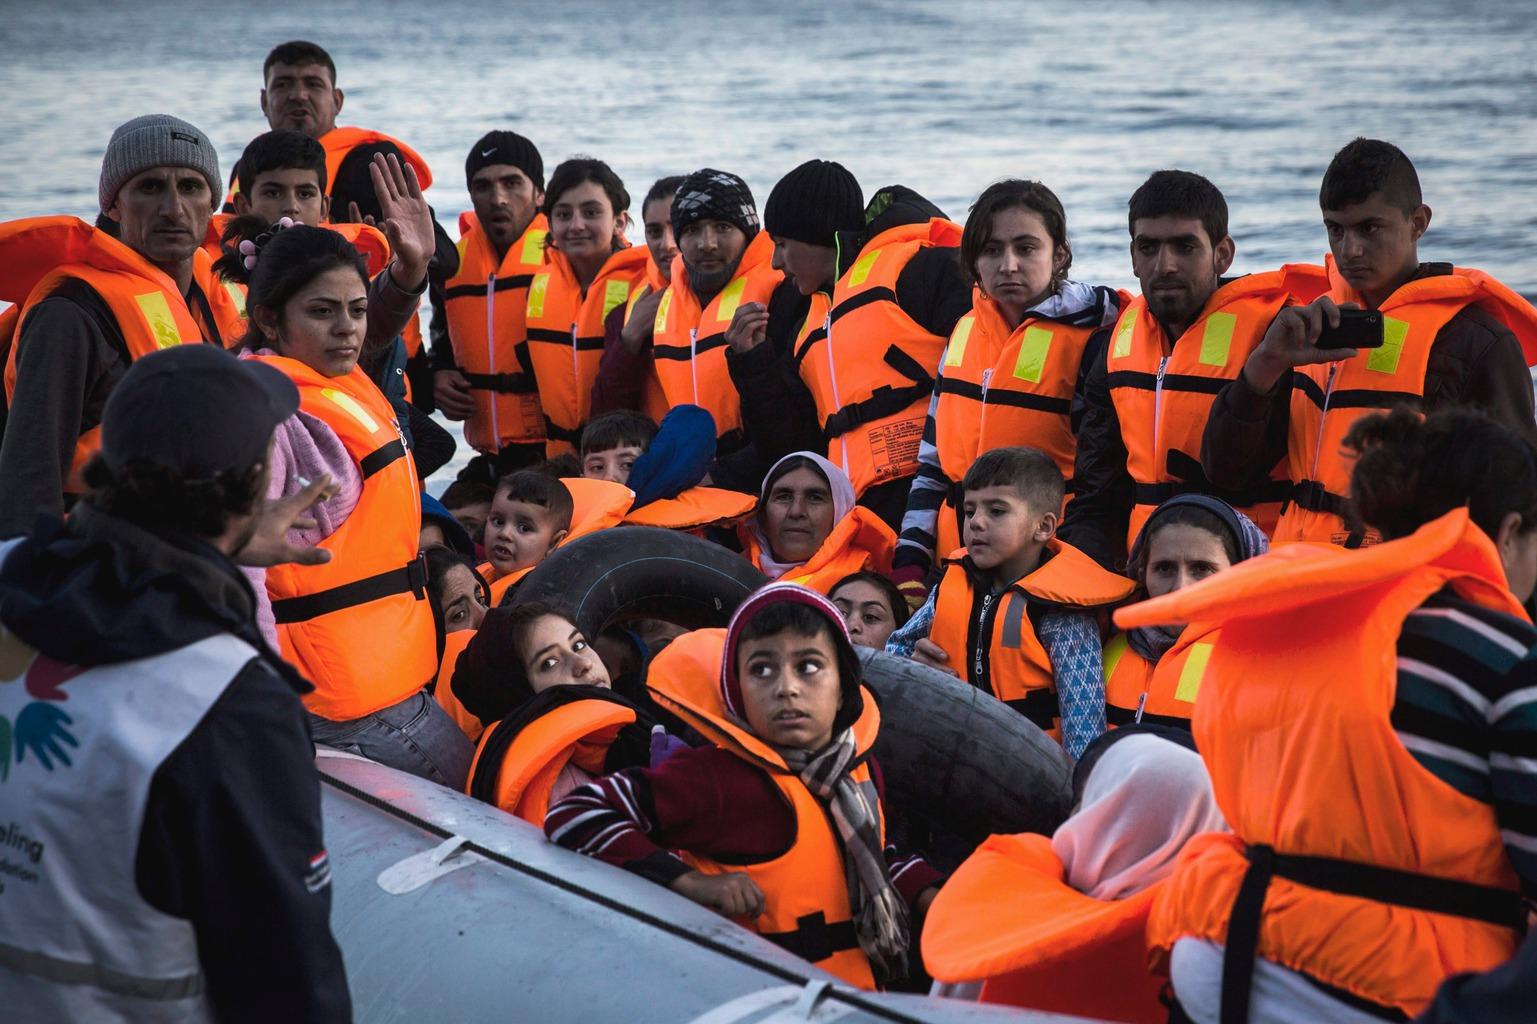 Leszbosz, 2015. november 14. Szíriai bevándorlókkal teli gumicsónak érkezik Törökország felől a görögországi Leszbosz szigetére 2015. november 14-én. (MTI/AP/Santi Palacios)